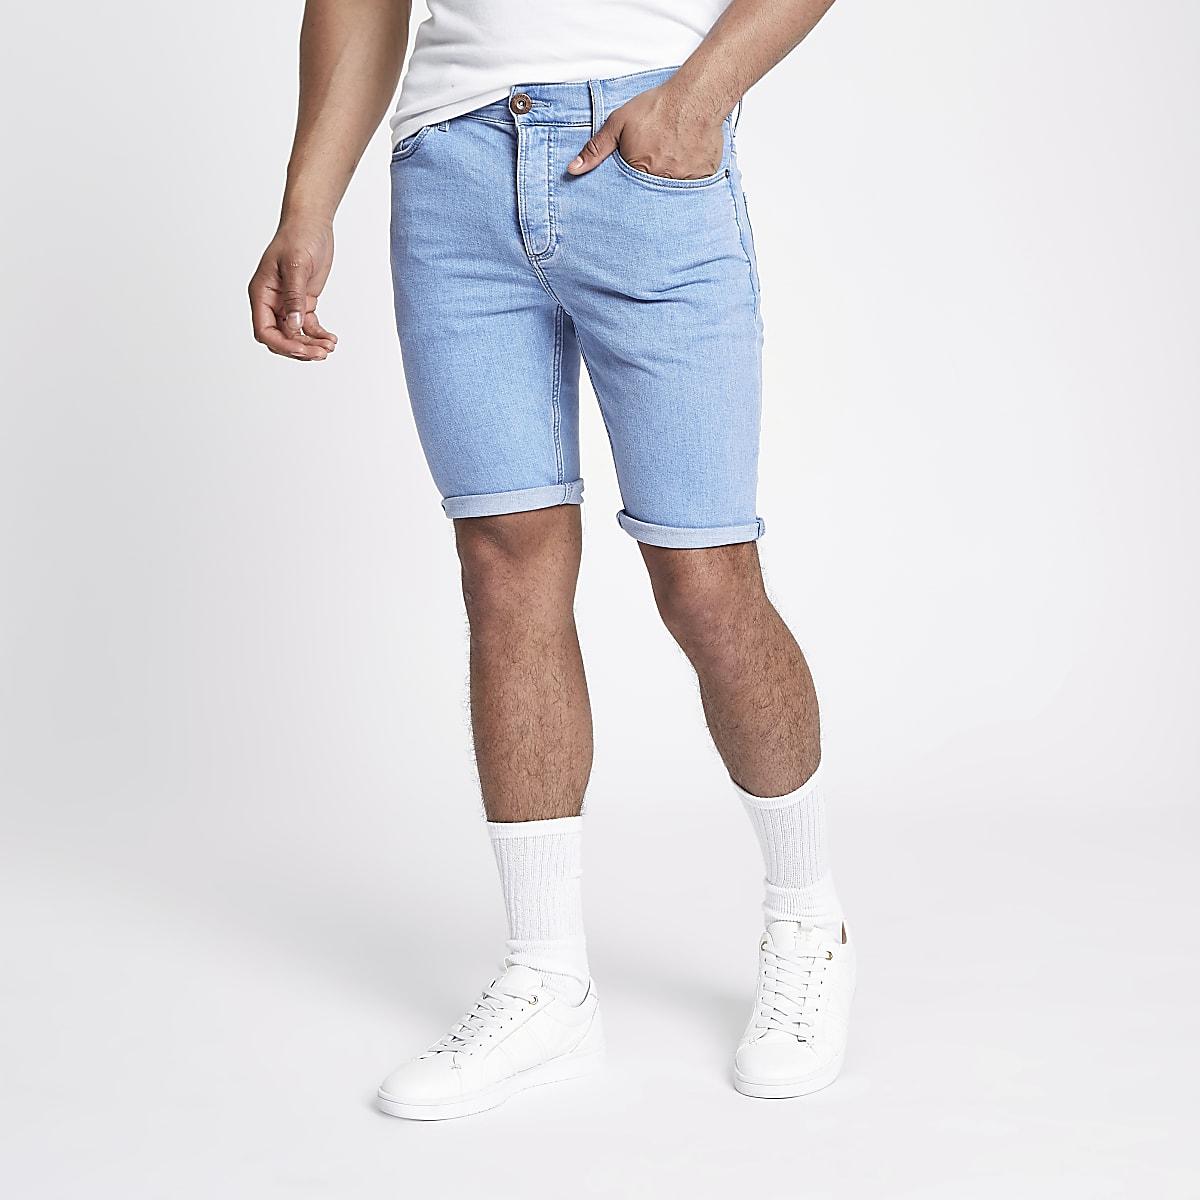 92e7e38e7f Light blue skinny 90s denim shorts - Casual Shorts - Shorts - men